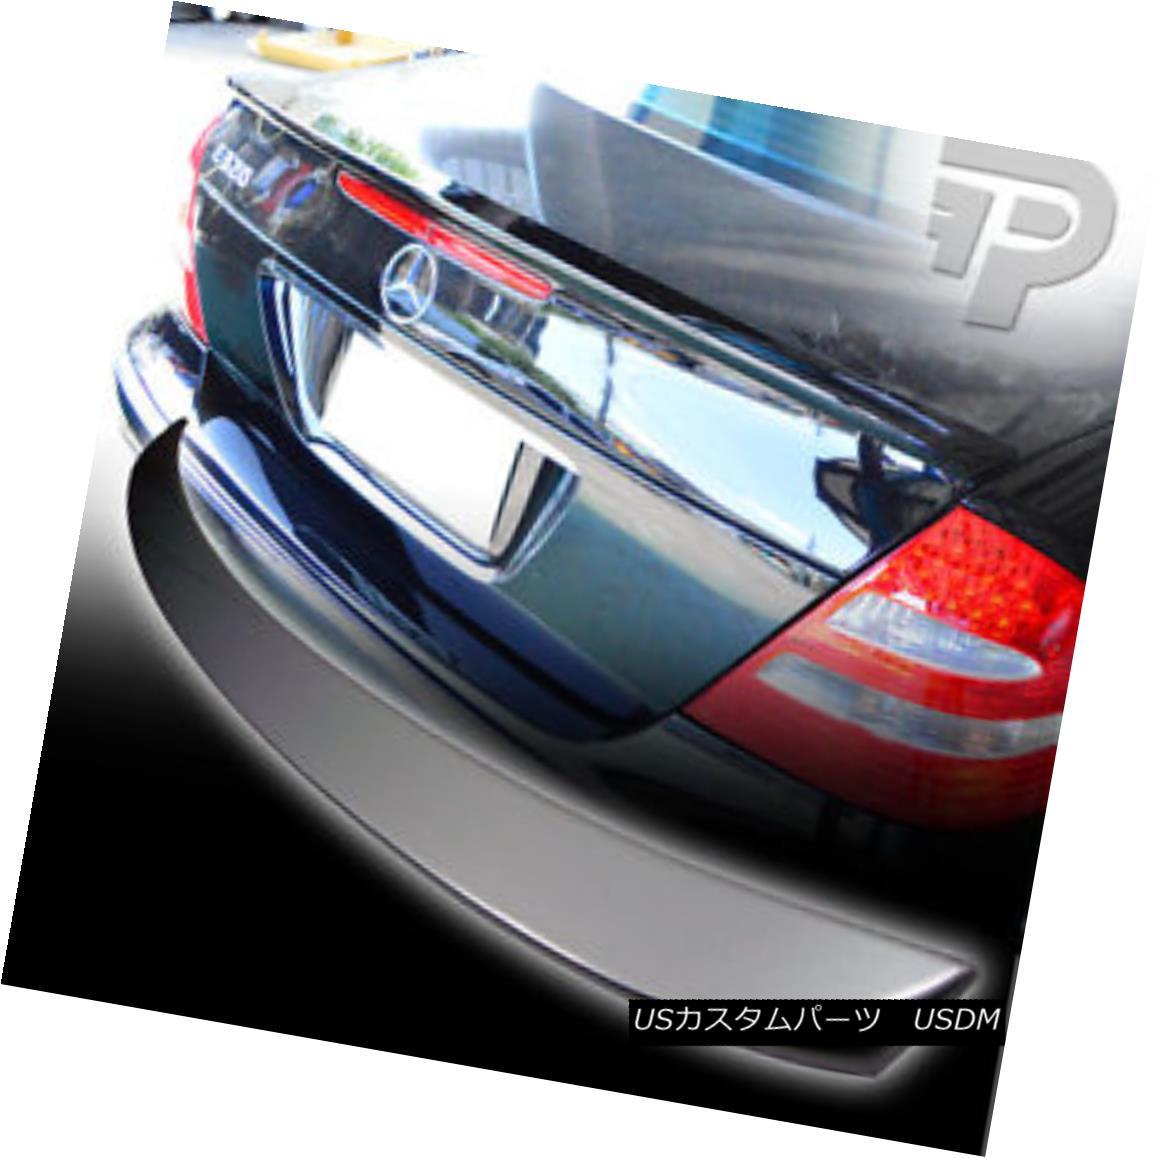 最安価格 エアロパーツ PAINTED Mercedes PAINTED BENZ W211 L-TYPE REAR L-TYPE BOOT TRUNK BOOT SPOILER #744 Silver▼ ペイントされたメルセデスベンツW211 L型後部トランクスポイラー#744シルバー?, アムリエ:90fdc04d --- esef.localized.me